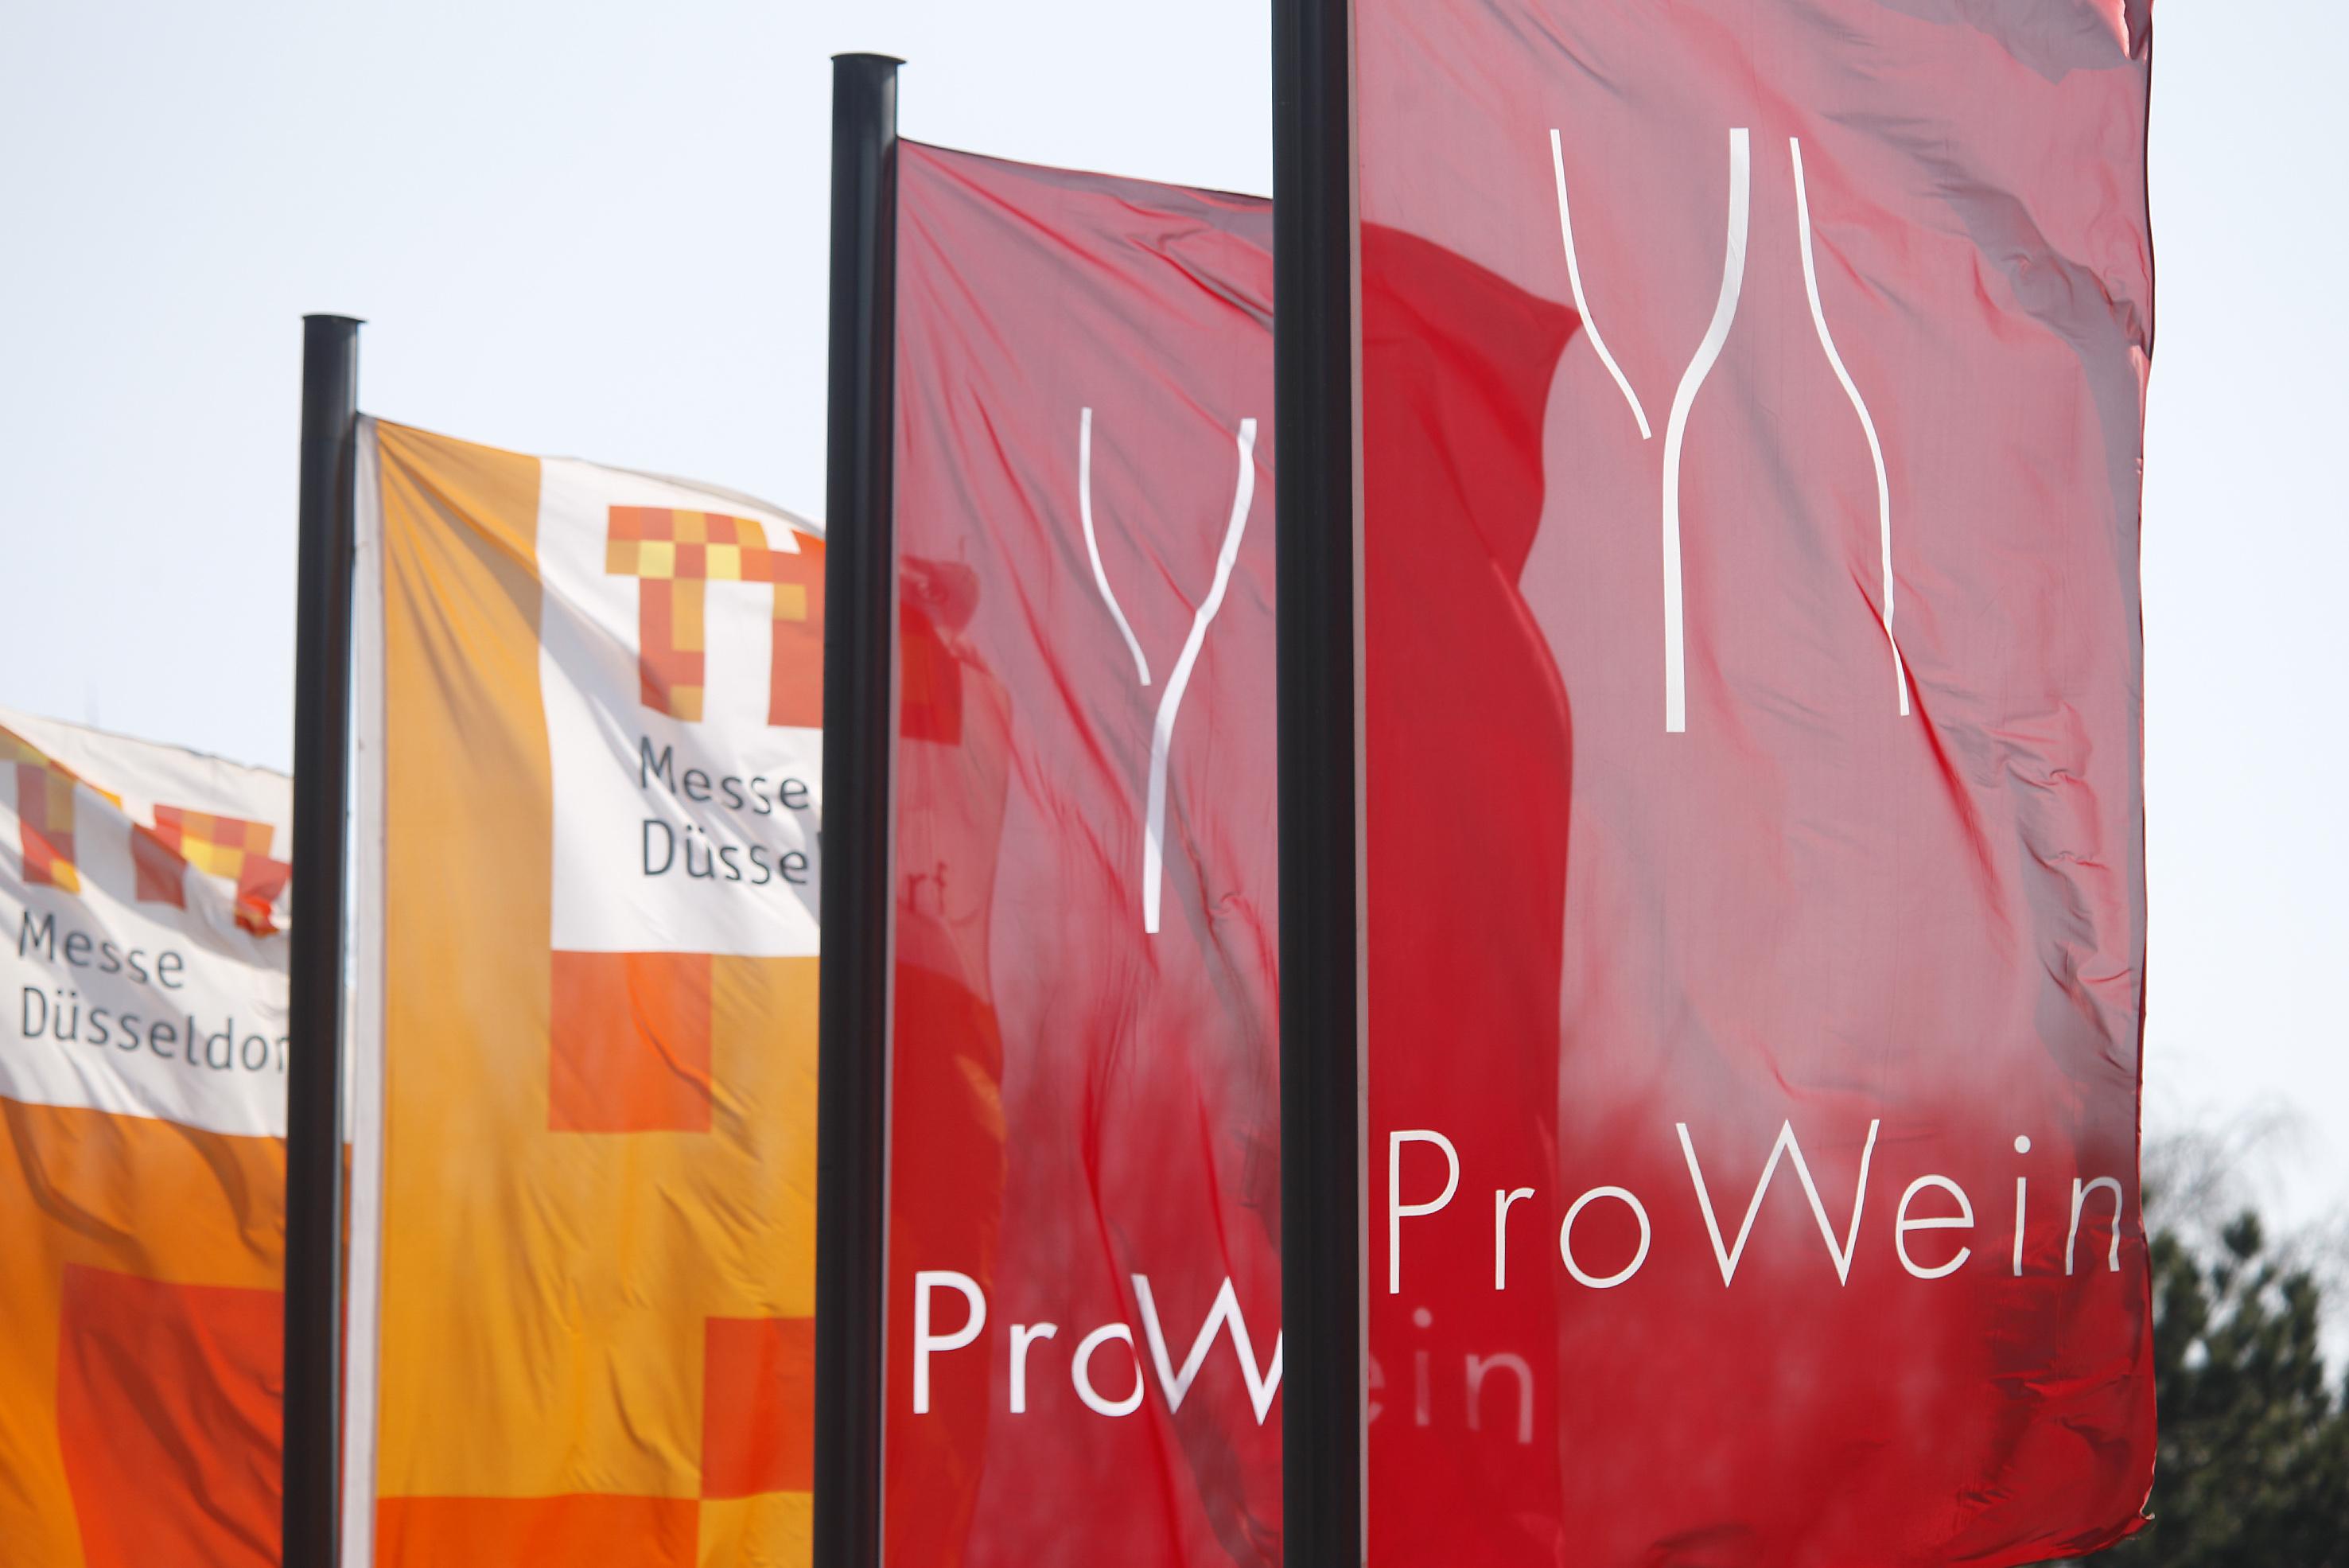 ProWein 2014 dal 23 al 25 Marzo 2014